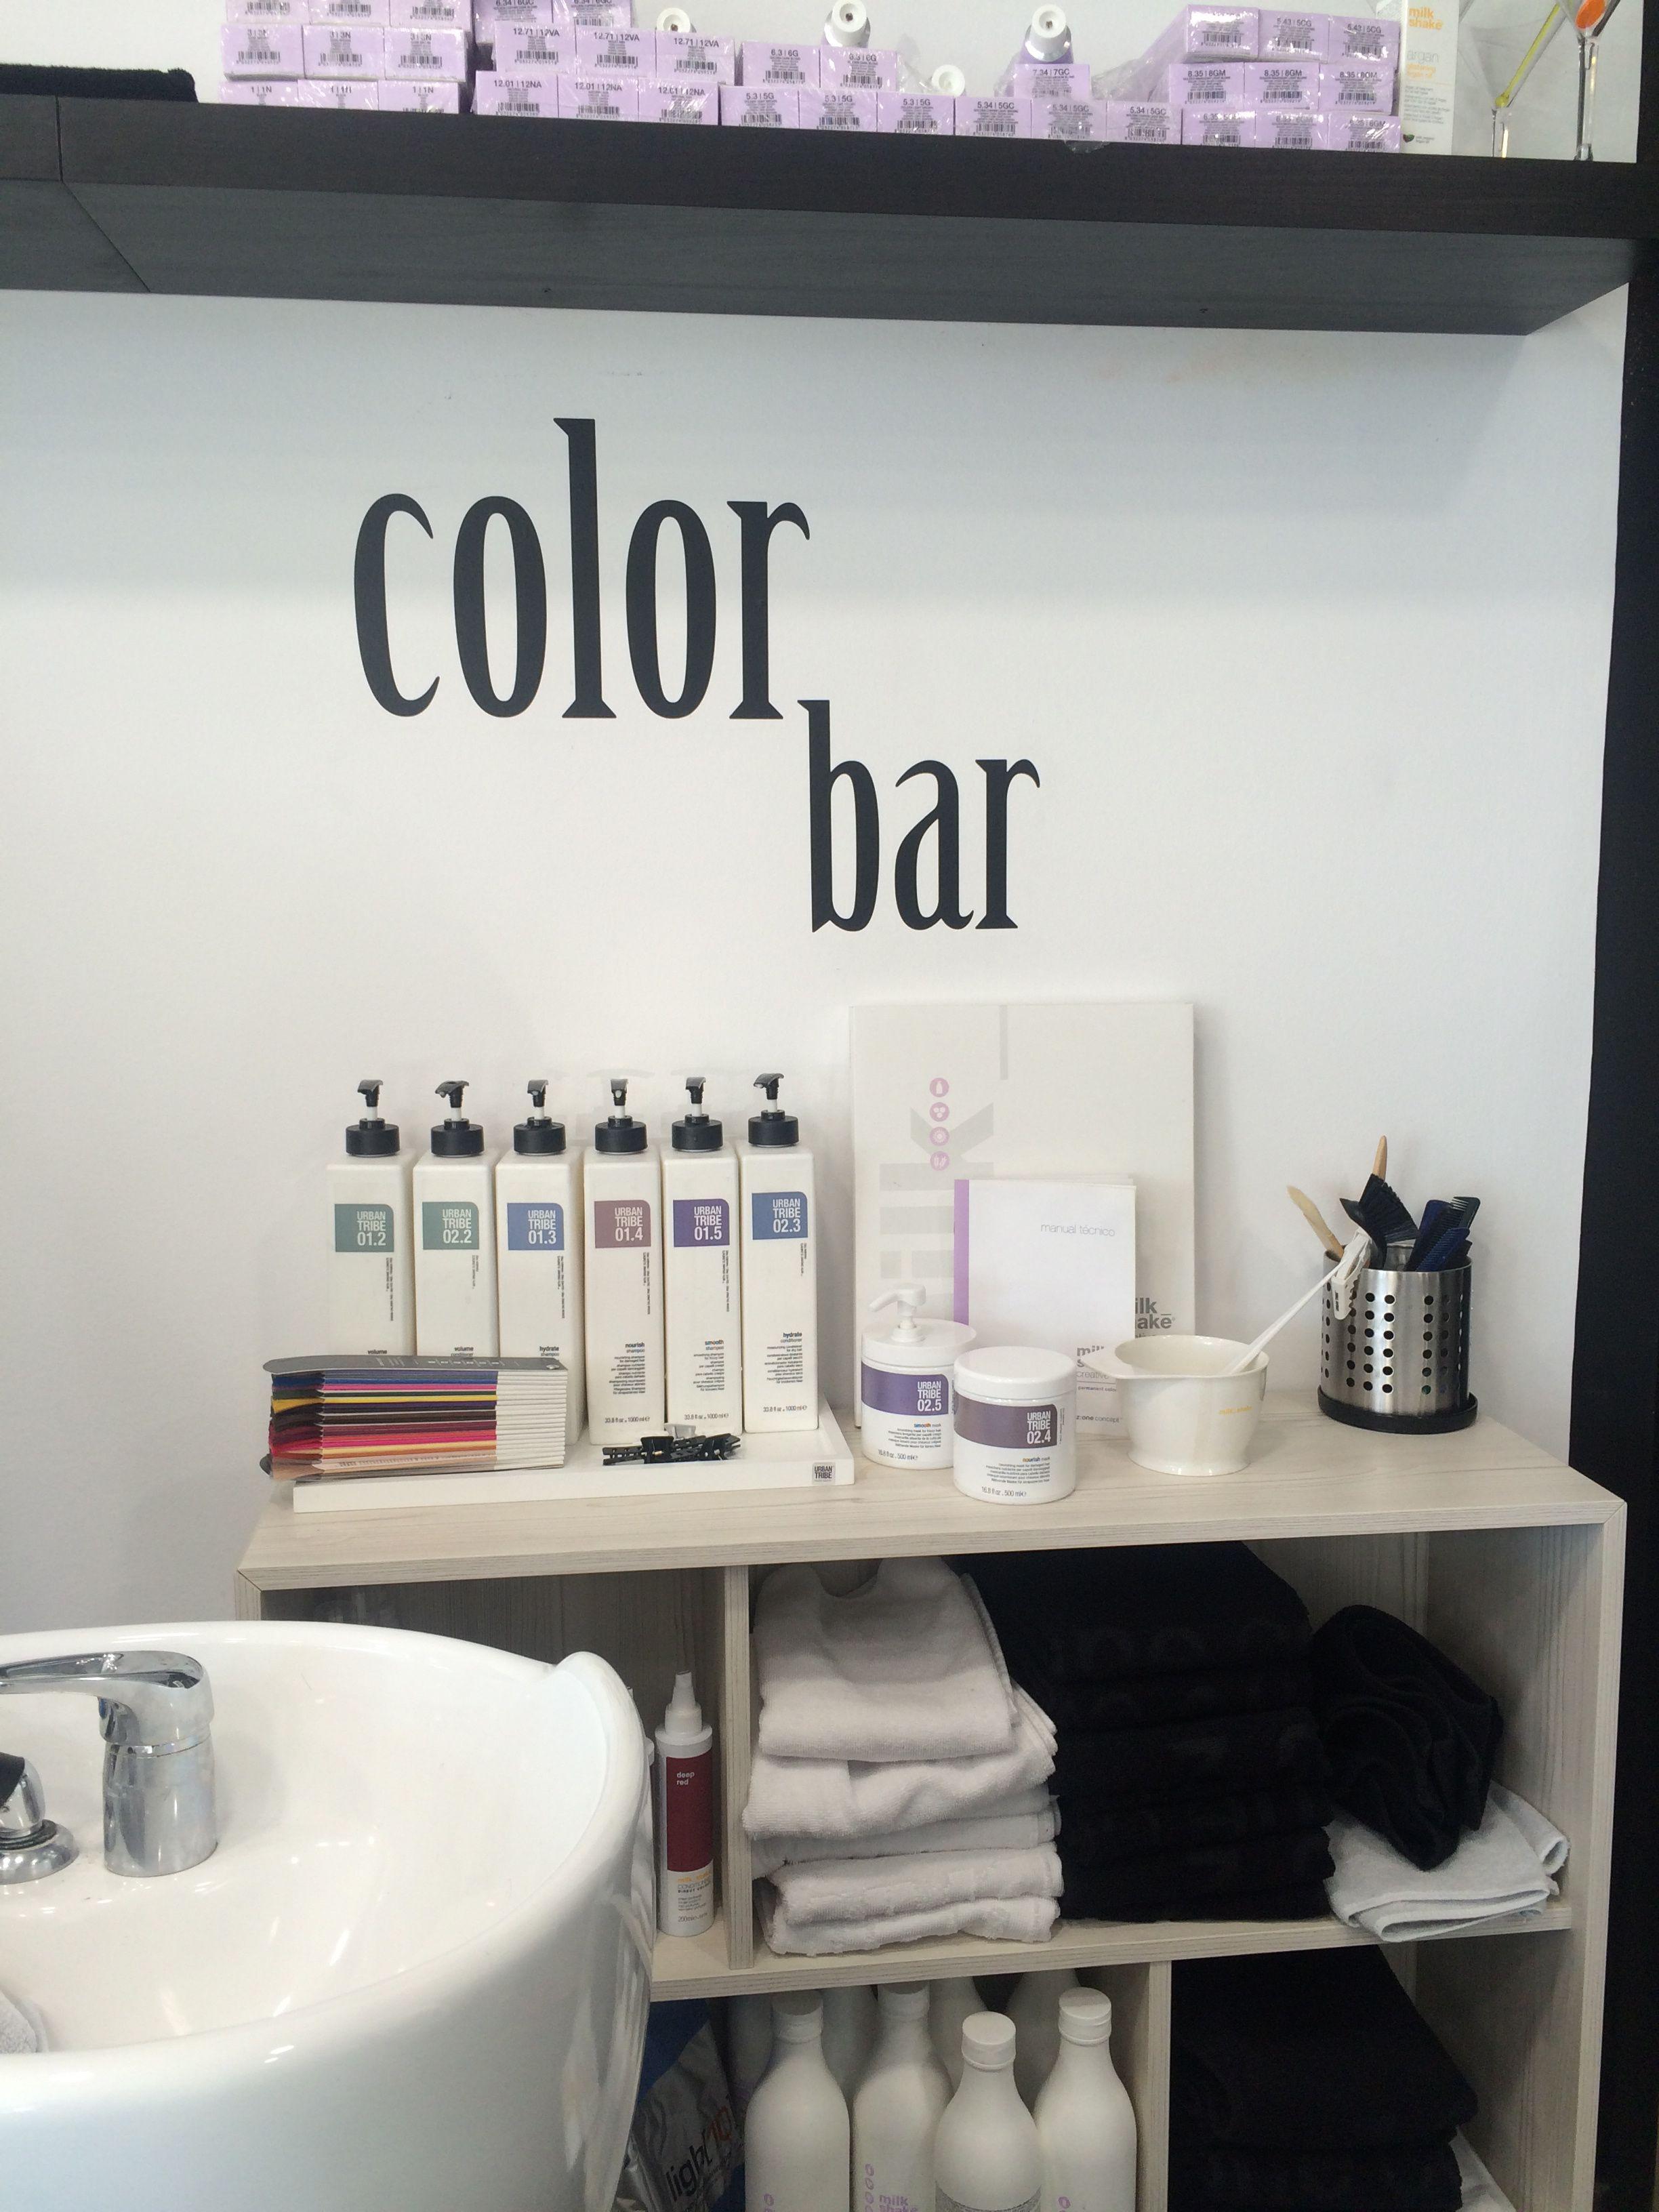 Vinilos decorados interior peluquería Gu Hair Salon. Color Bar, zona de tintes.